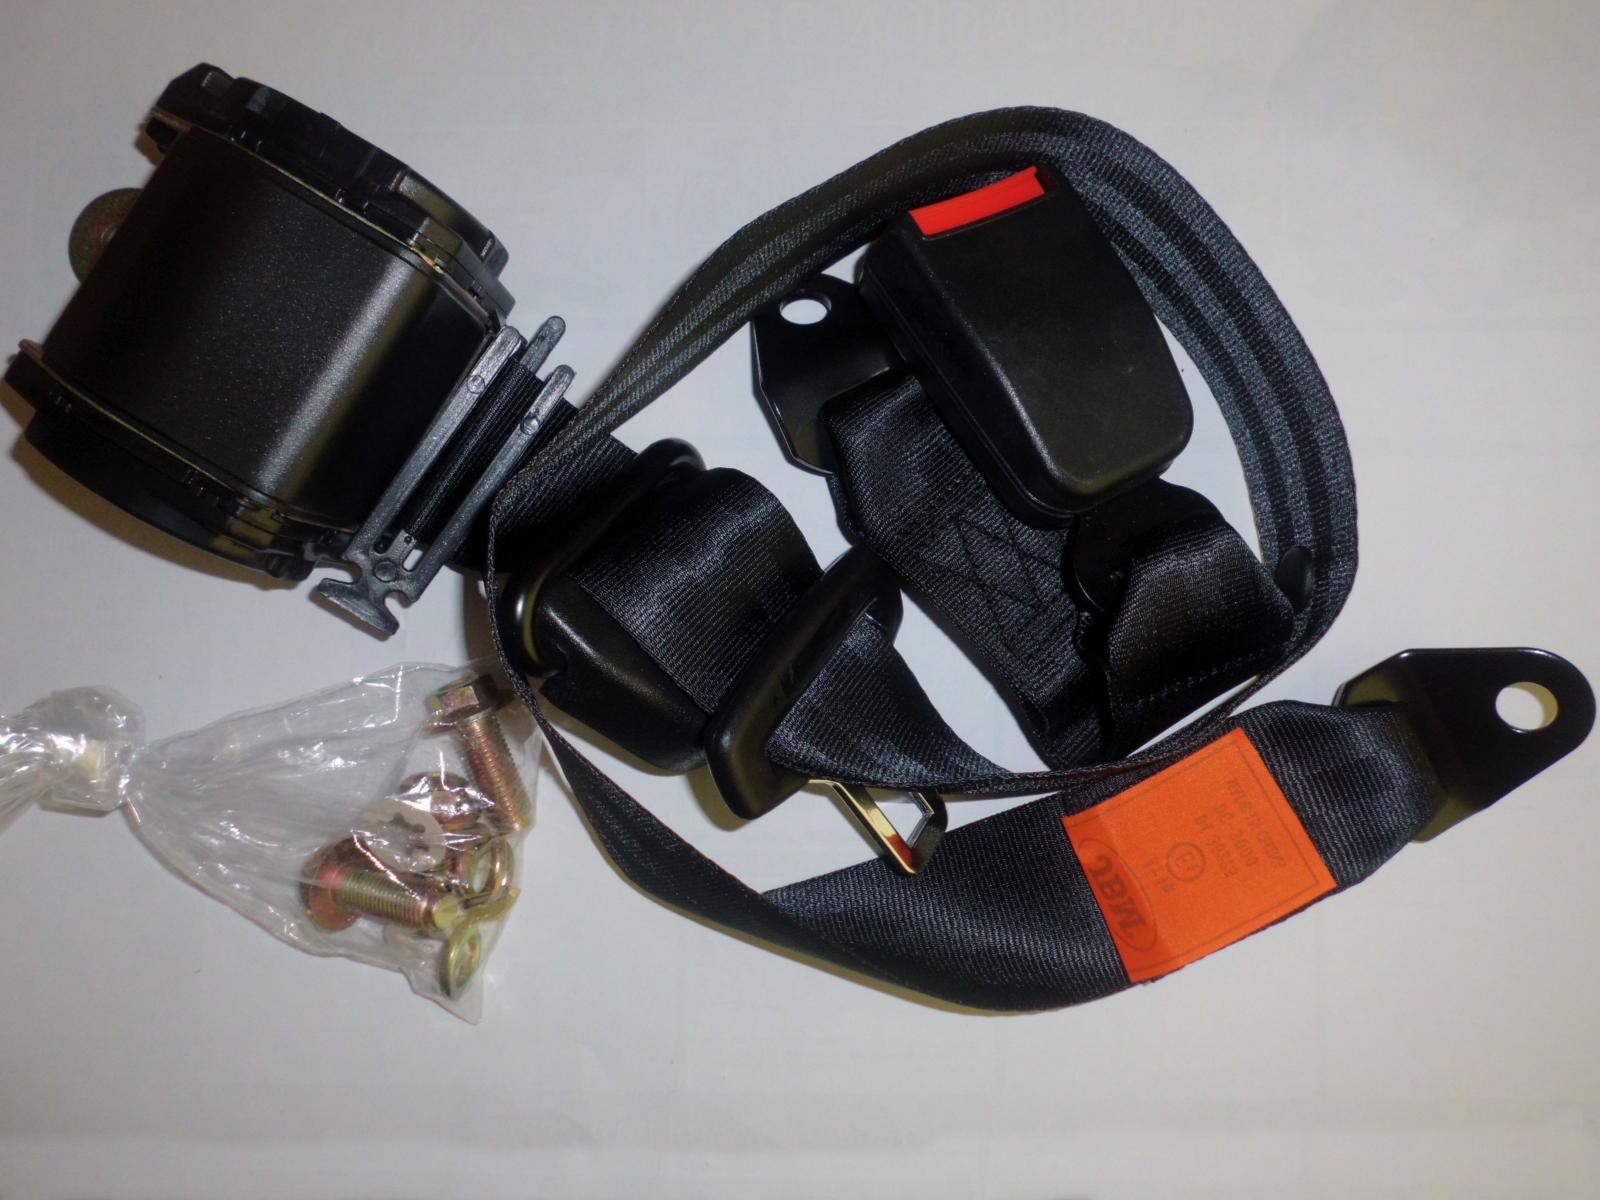 Cinturón universal de 3 puntos de anclaje